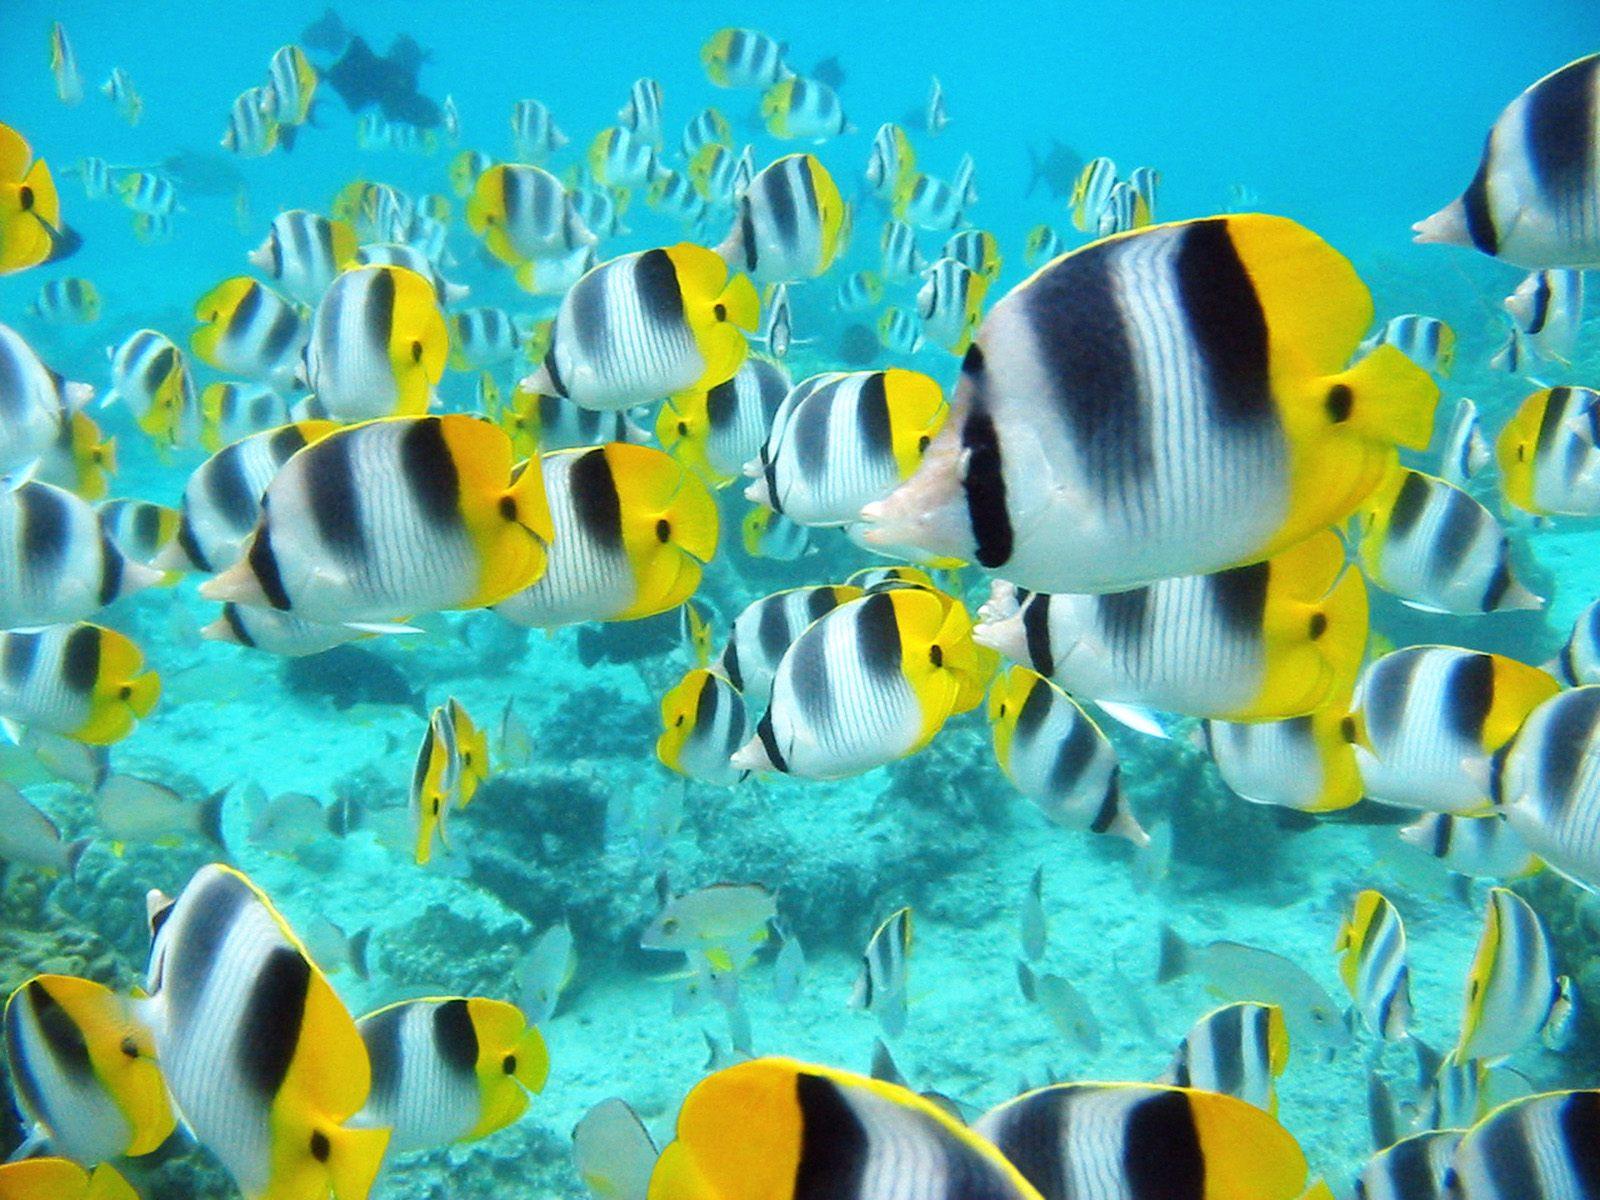 http://4.bp.blogspot.com/-D_nUypKl9Uo/ThM3cGRuWuI/AAAAAAAAK9M/Qs9sSFQFmz8/s1600/tahitian-tropical-fish-wallpaper.jpg